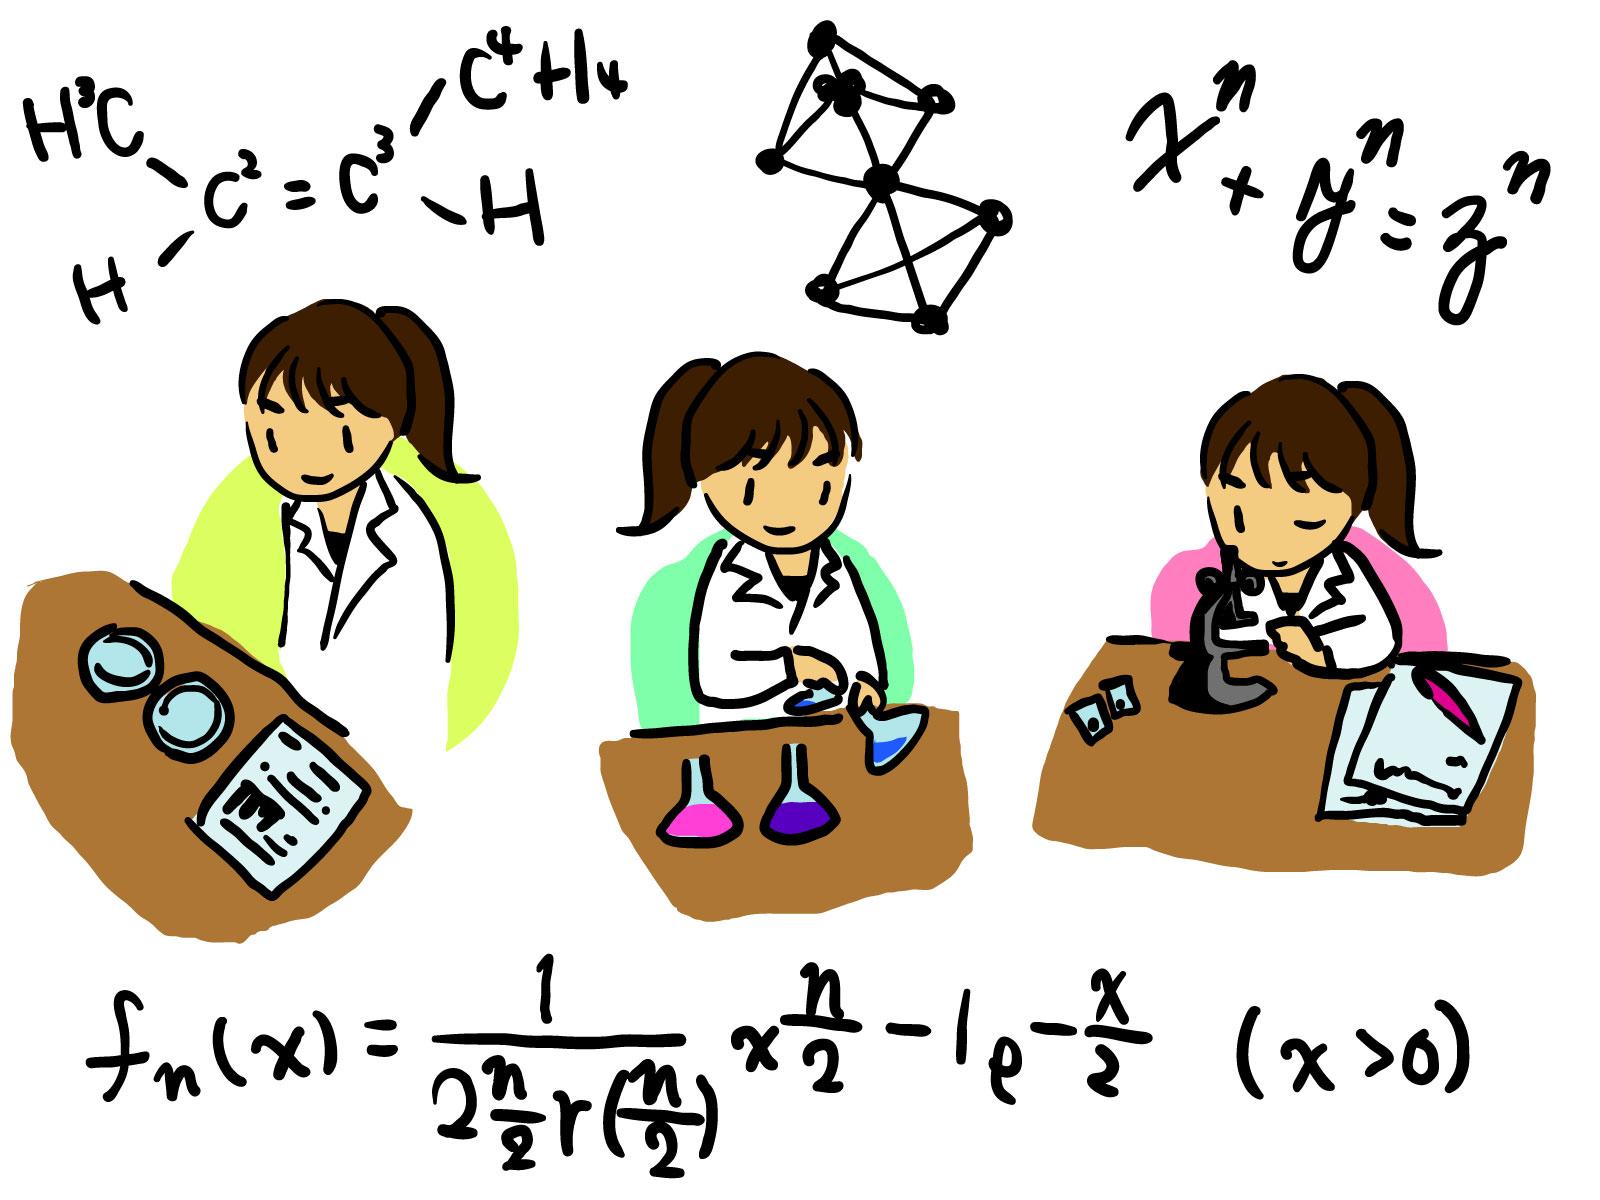 【化学クイズ 15問】簡単&面白い!!科学に関する雑学問題&なぞなぞを紹介!